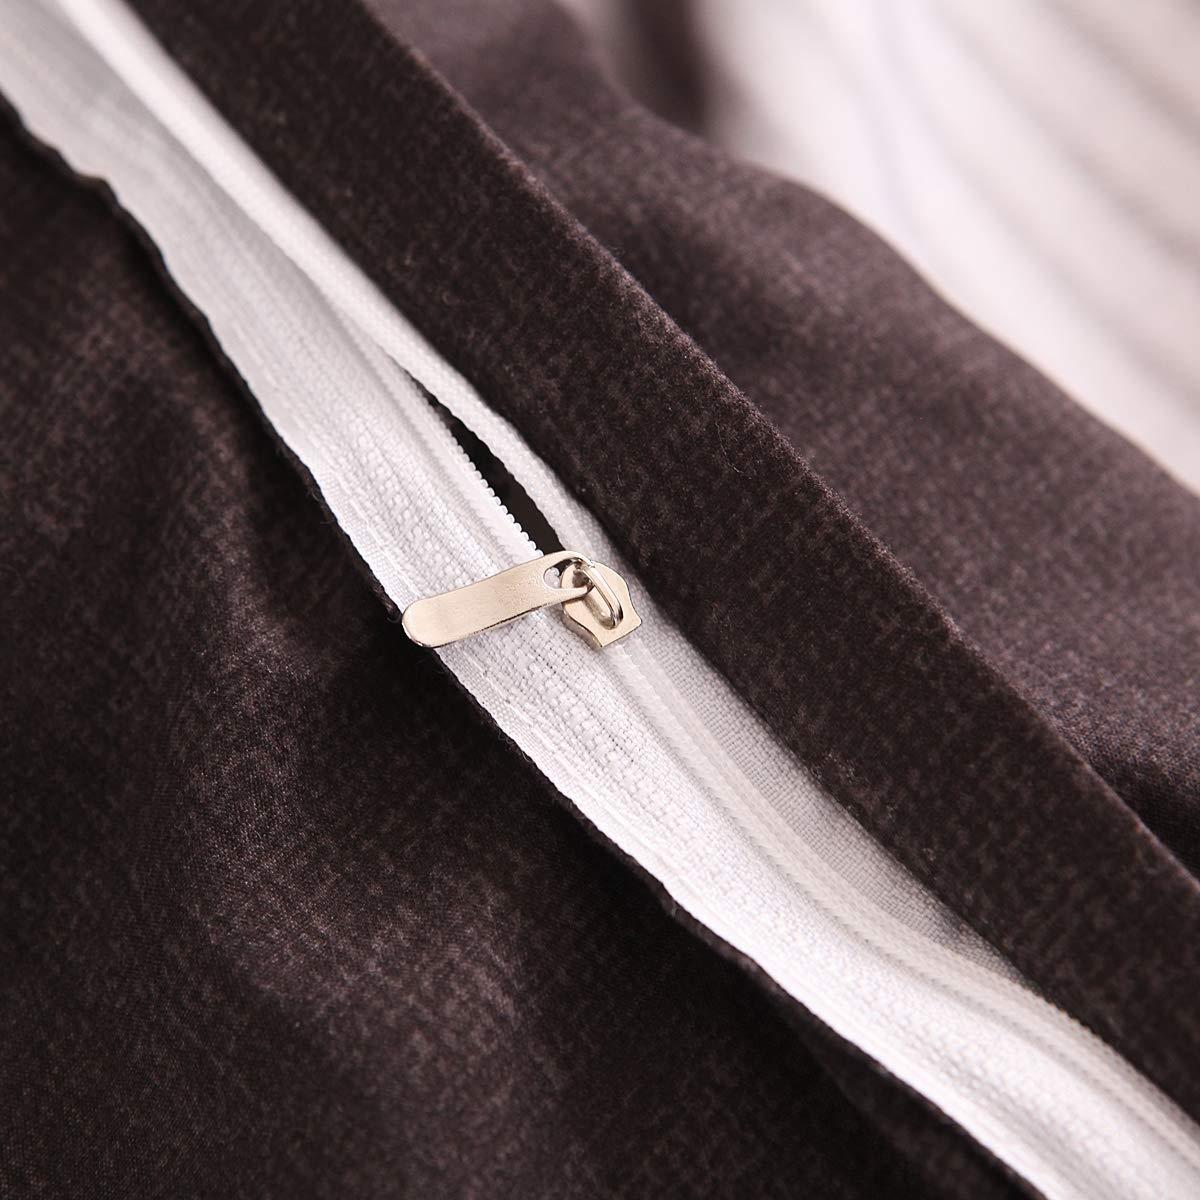 200cm*200cm YMNL Funda N/órdica Traje De Tres Piezas Raya Colores Mezclados Moda Sencillo Ropa De Cama Fundas Nordicas Juveniles Cubierta De Colcha * 1 + Funda De Almohada * 2